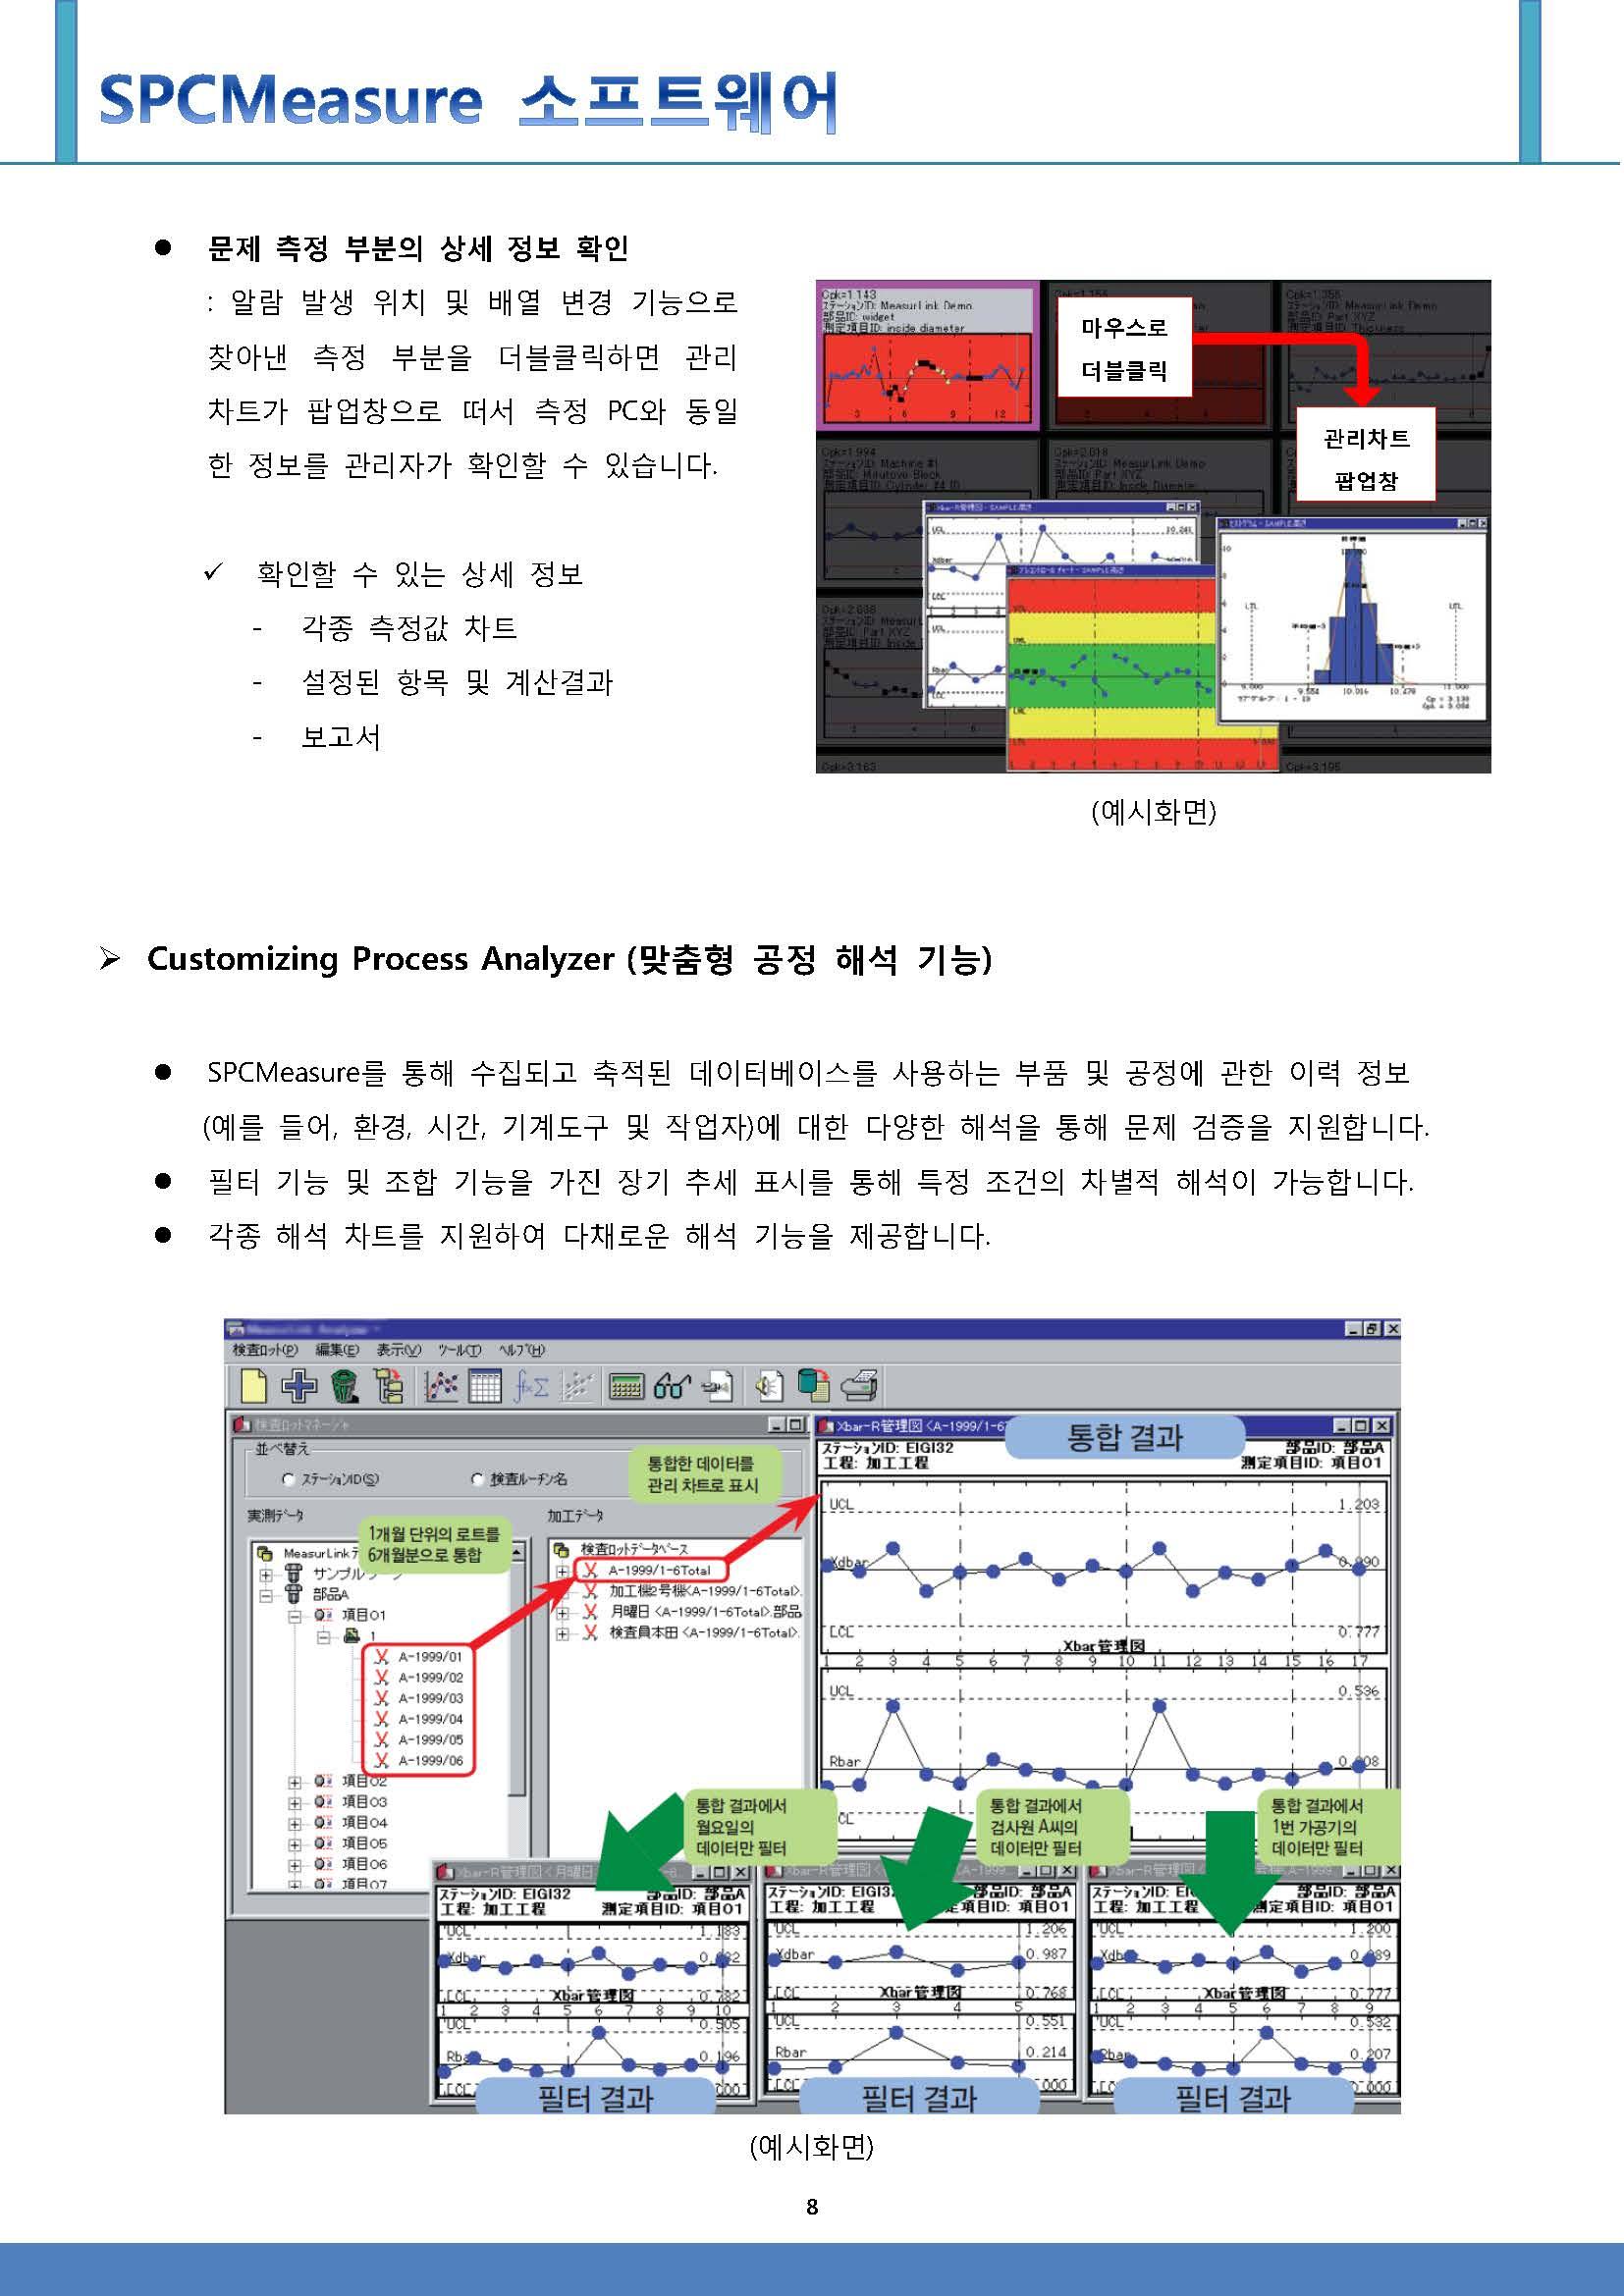 SPCMeasure1_페이지_8.jpg